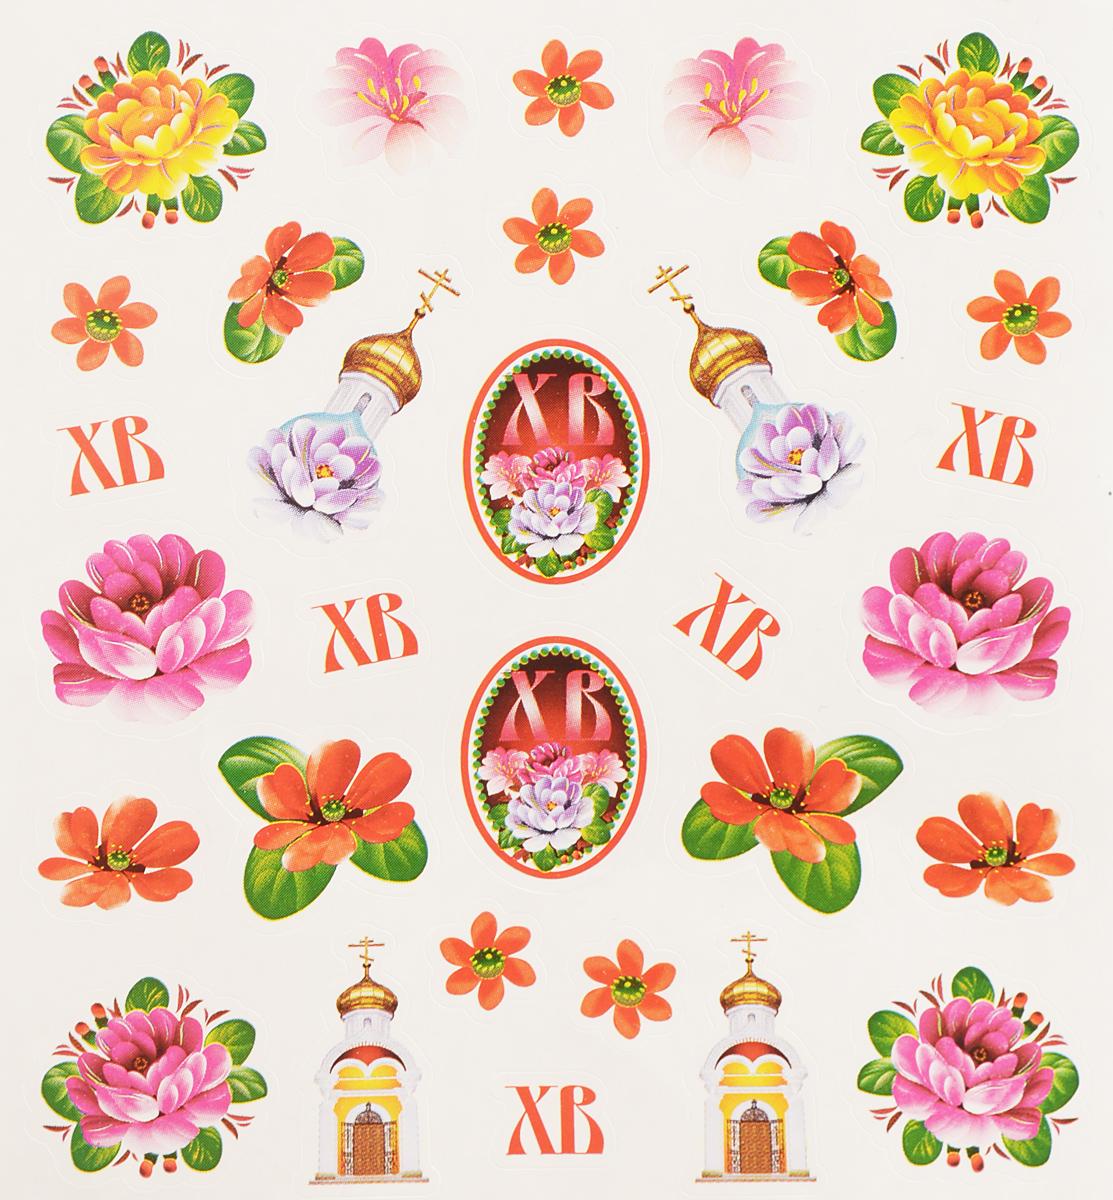 Набор декоративных наклеек Home Queen Народное искусство, 31 штTHN132NНабор Home Queen Народное искусство состоит из 31 бумажной наклейки, которые предназначены для декорирования пасхальных яиц. Наклейки выполнены в виде различных цветов, куполов храмов и надписей ХВ. Такой набор украшений создаст атмосферу праздника в вашем доме. Размер самой большой наклейки: 2 х 2 см.Размер самой маленькой наклейки: 1 х 1 см.